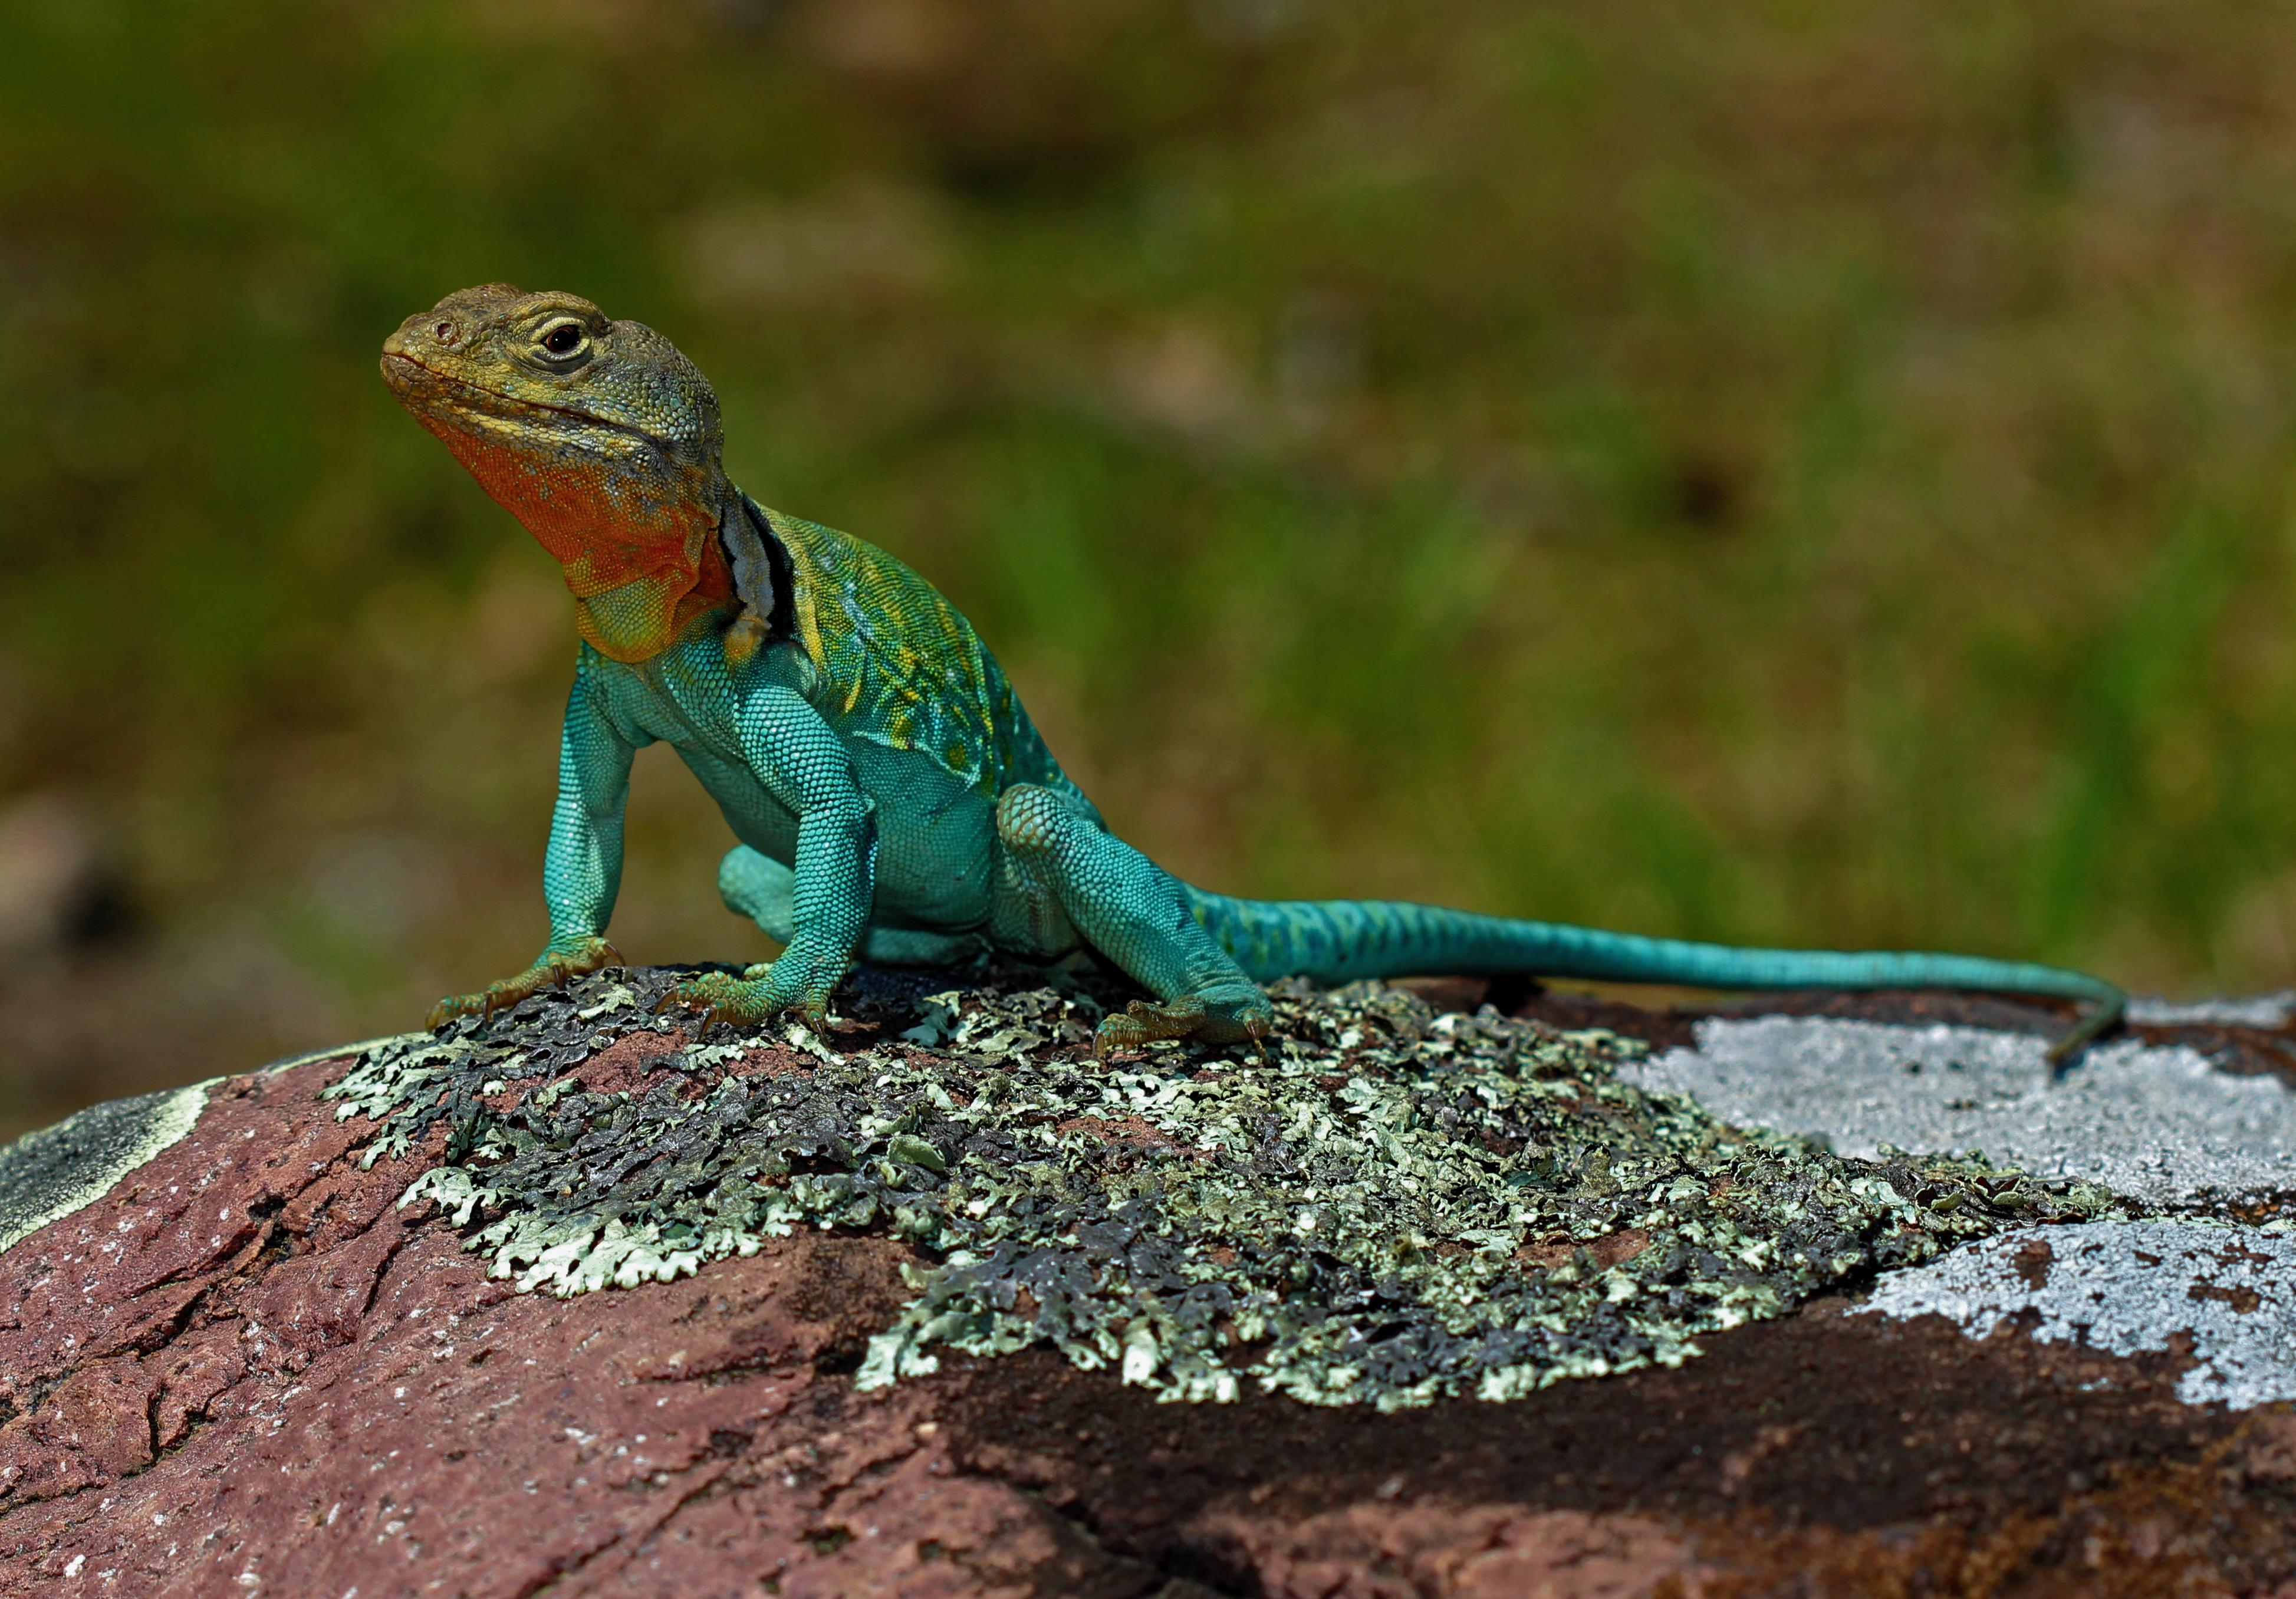 104267 Hintergrundbild herunterladen Tiere, Eidechse, Reptil, Reptile, Waage, Skala, Amphibie, Amphibien - Bildschirmschoner und Bilder kostenlos